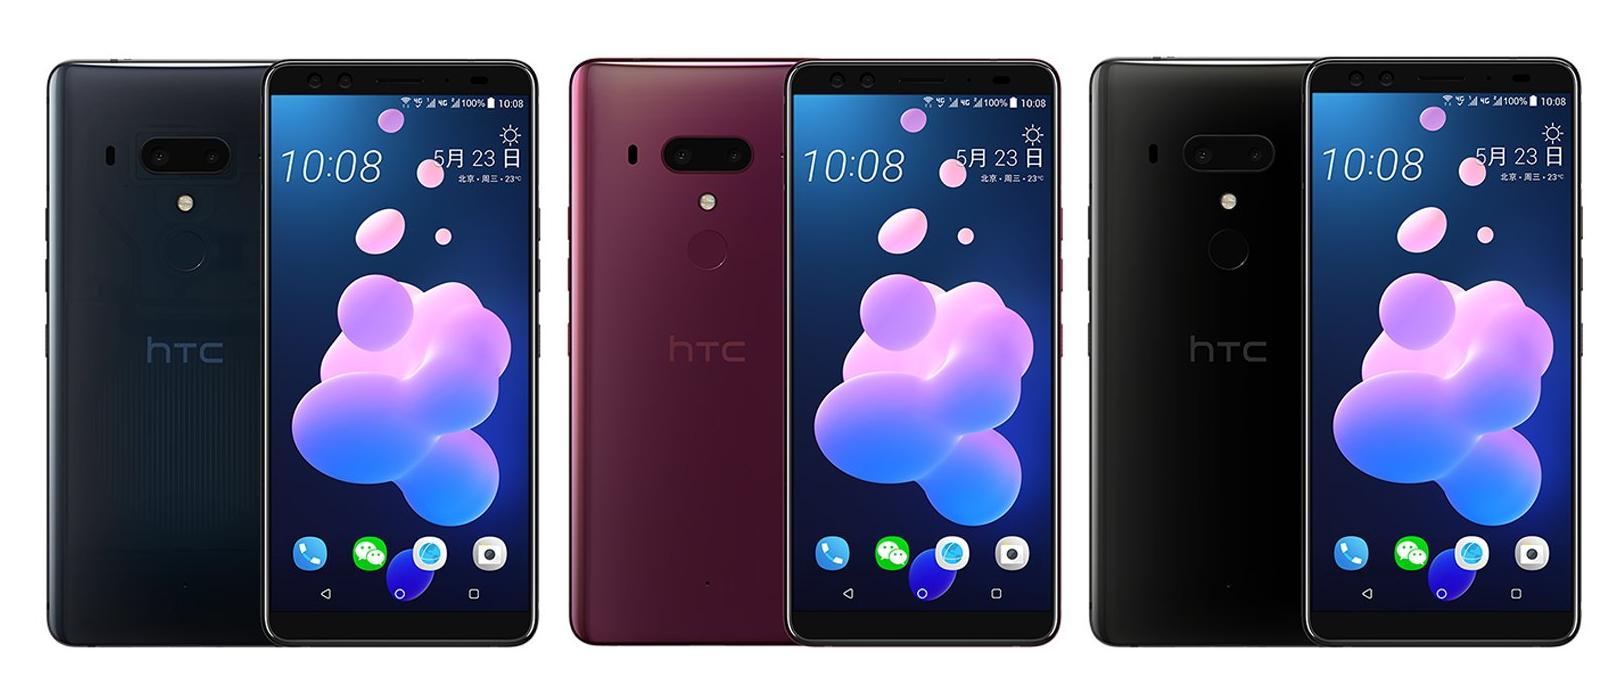 5888元:手机团队被谷歌收购后首款手机HTC U12+做了这些改变的照片 - 5